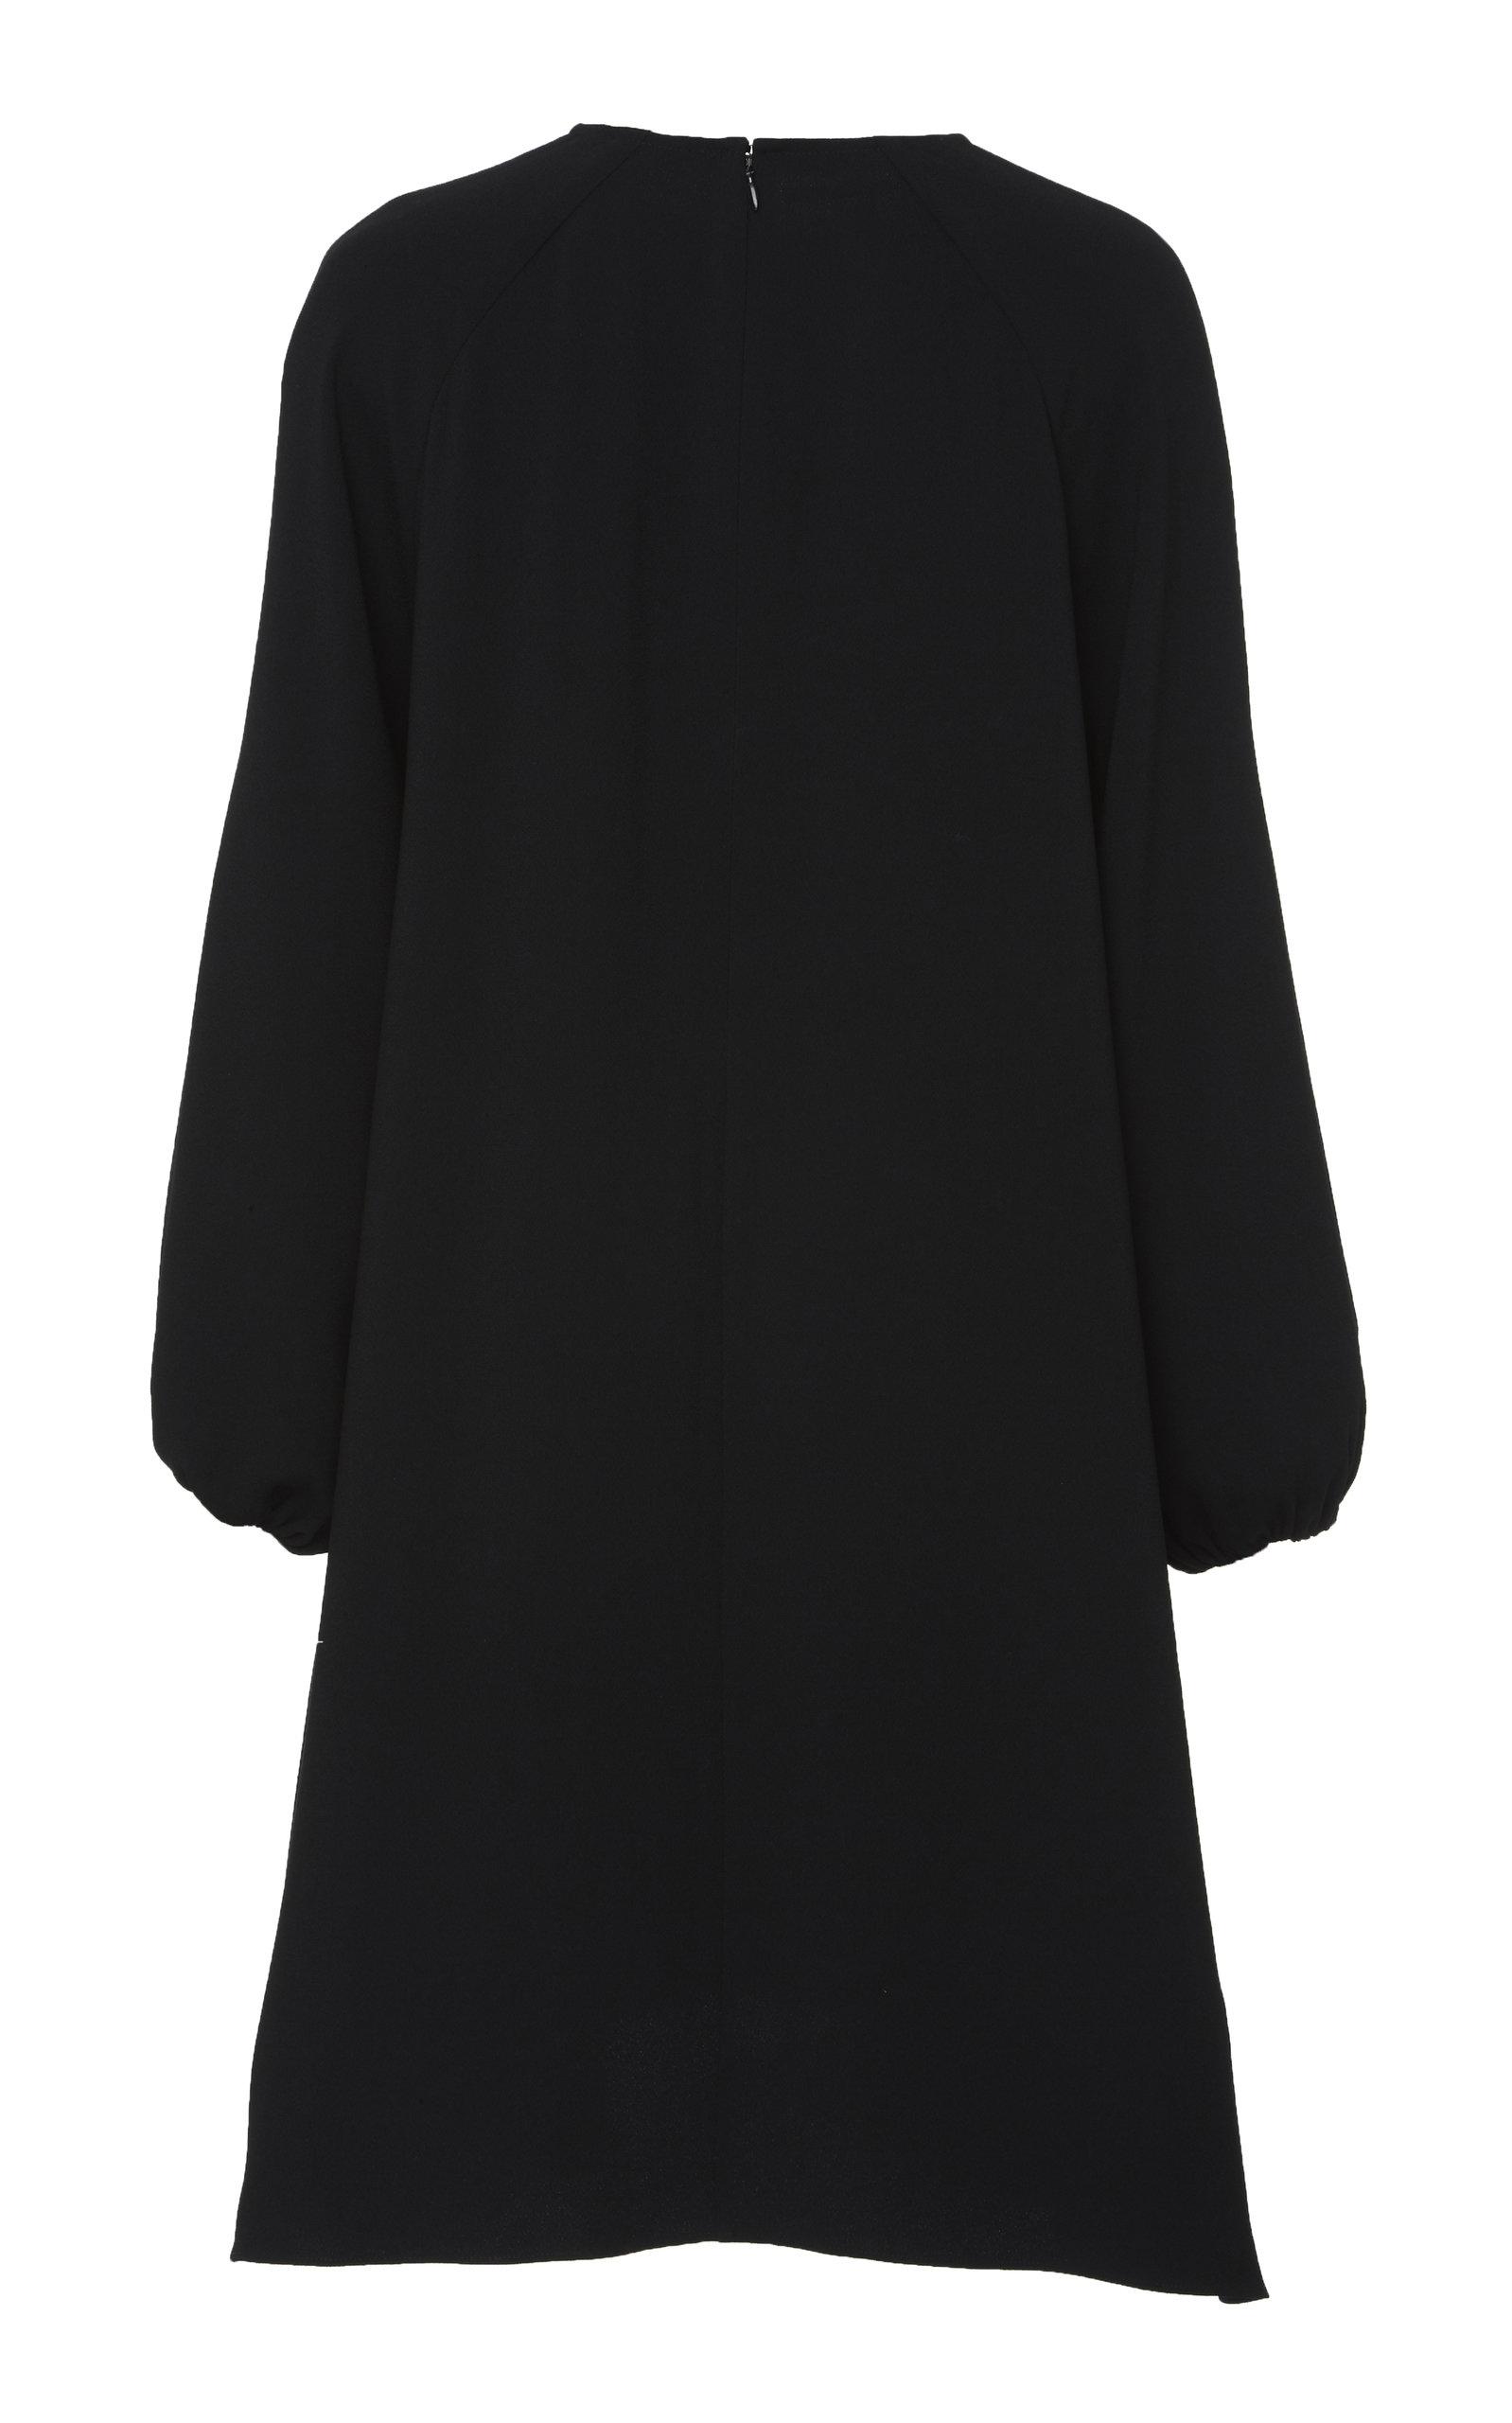 CO Dresses JAPANESE CREPE MINI DRESS